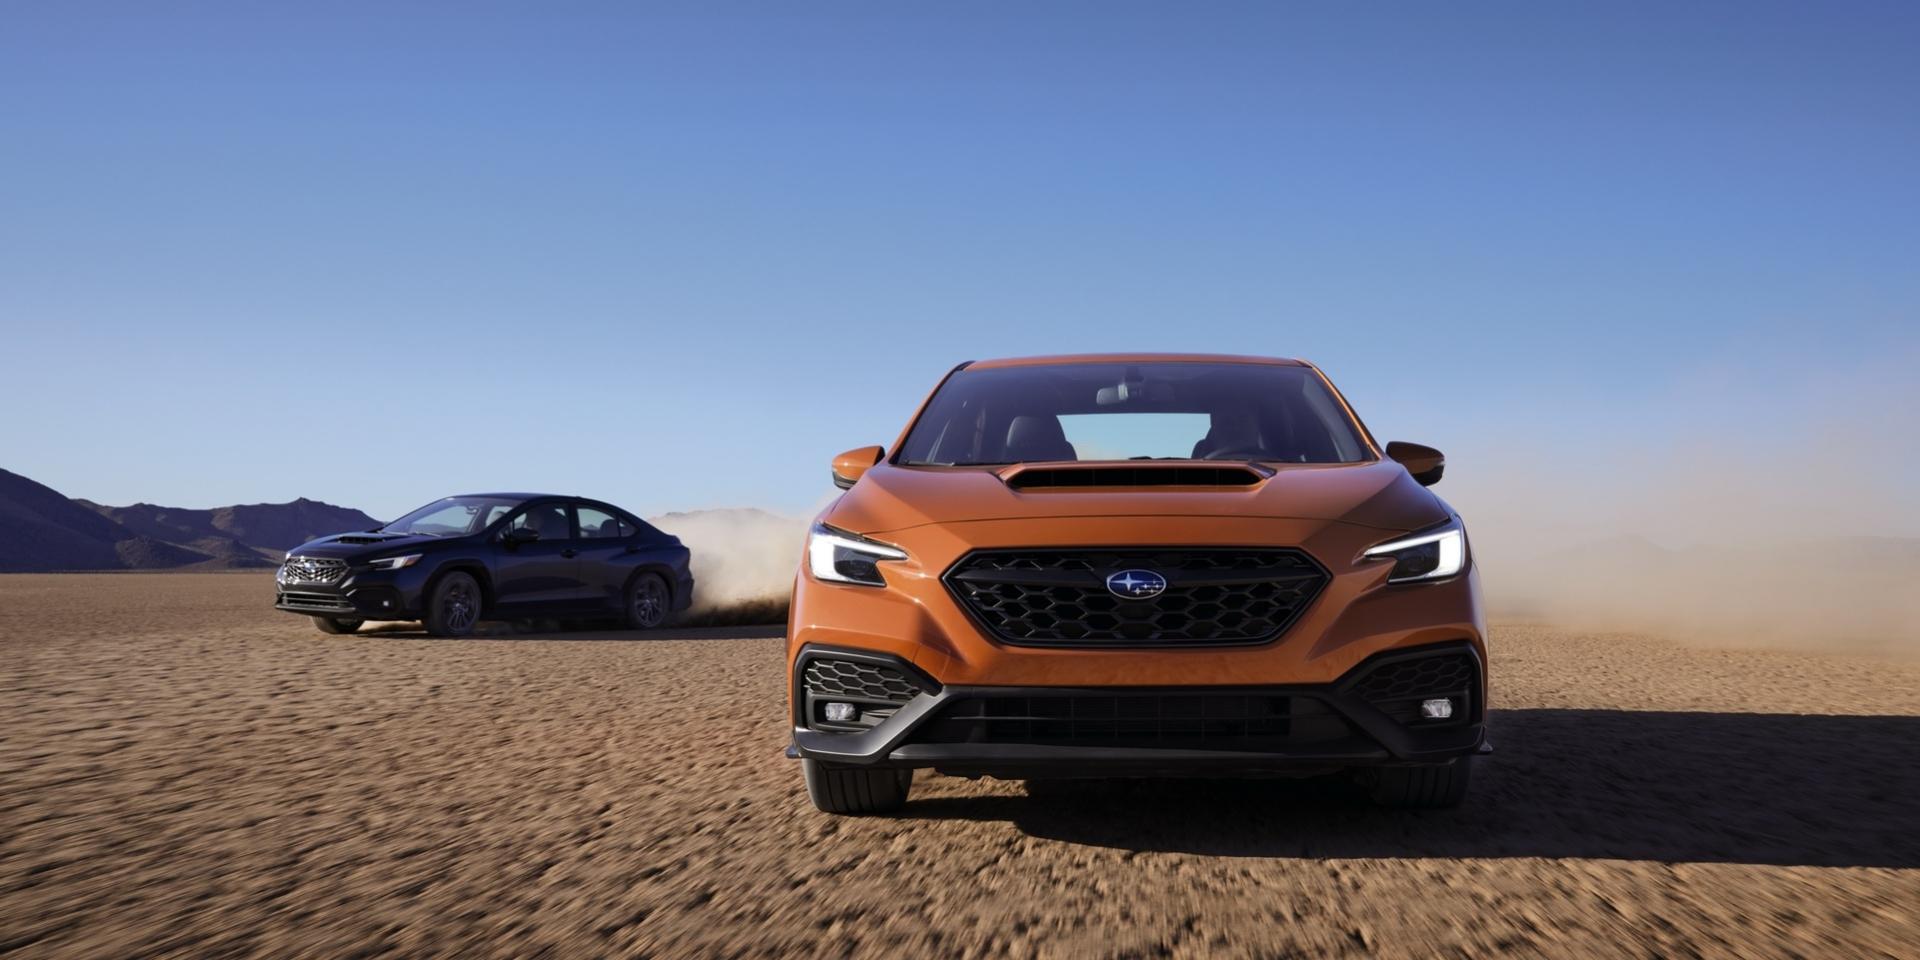 新世代Subaru WRX 北美發表,塑料用好用滿